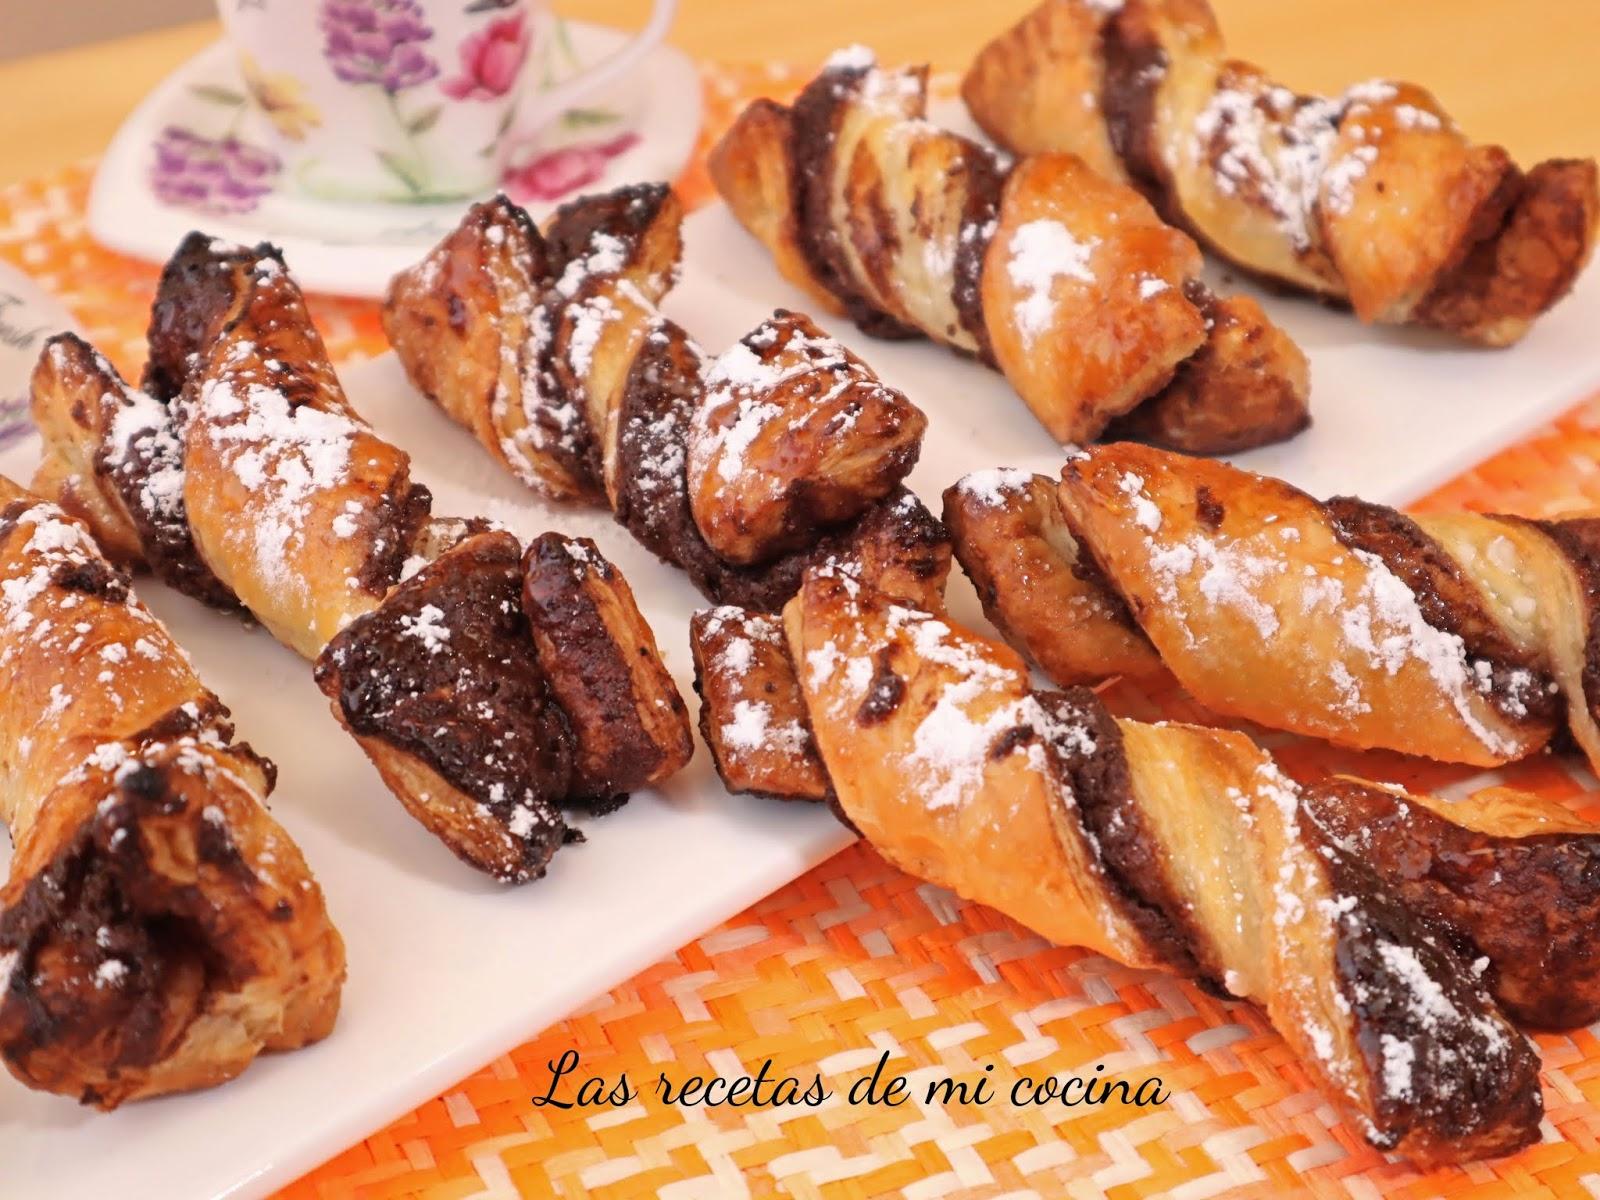 Recetas de cocina con nutella